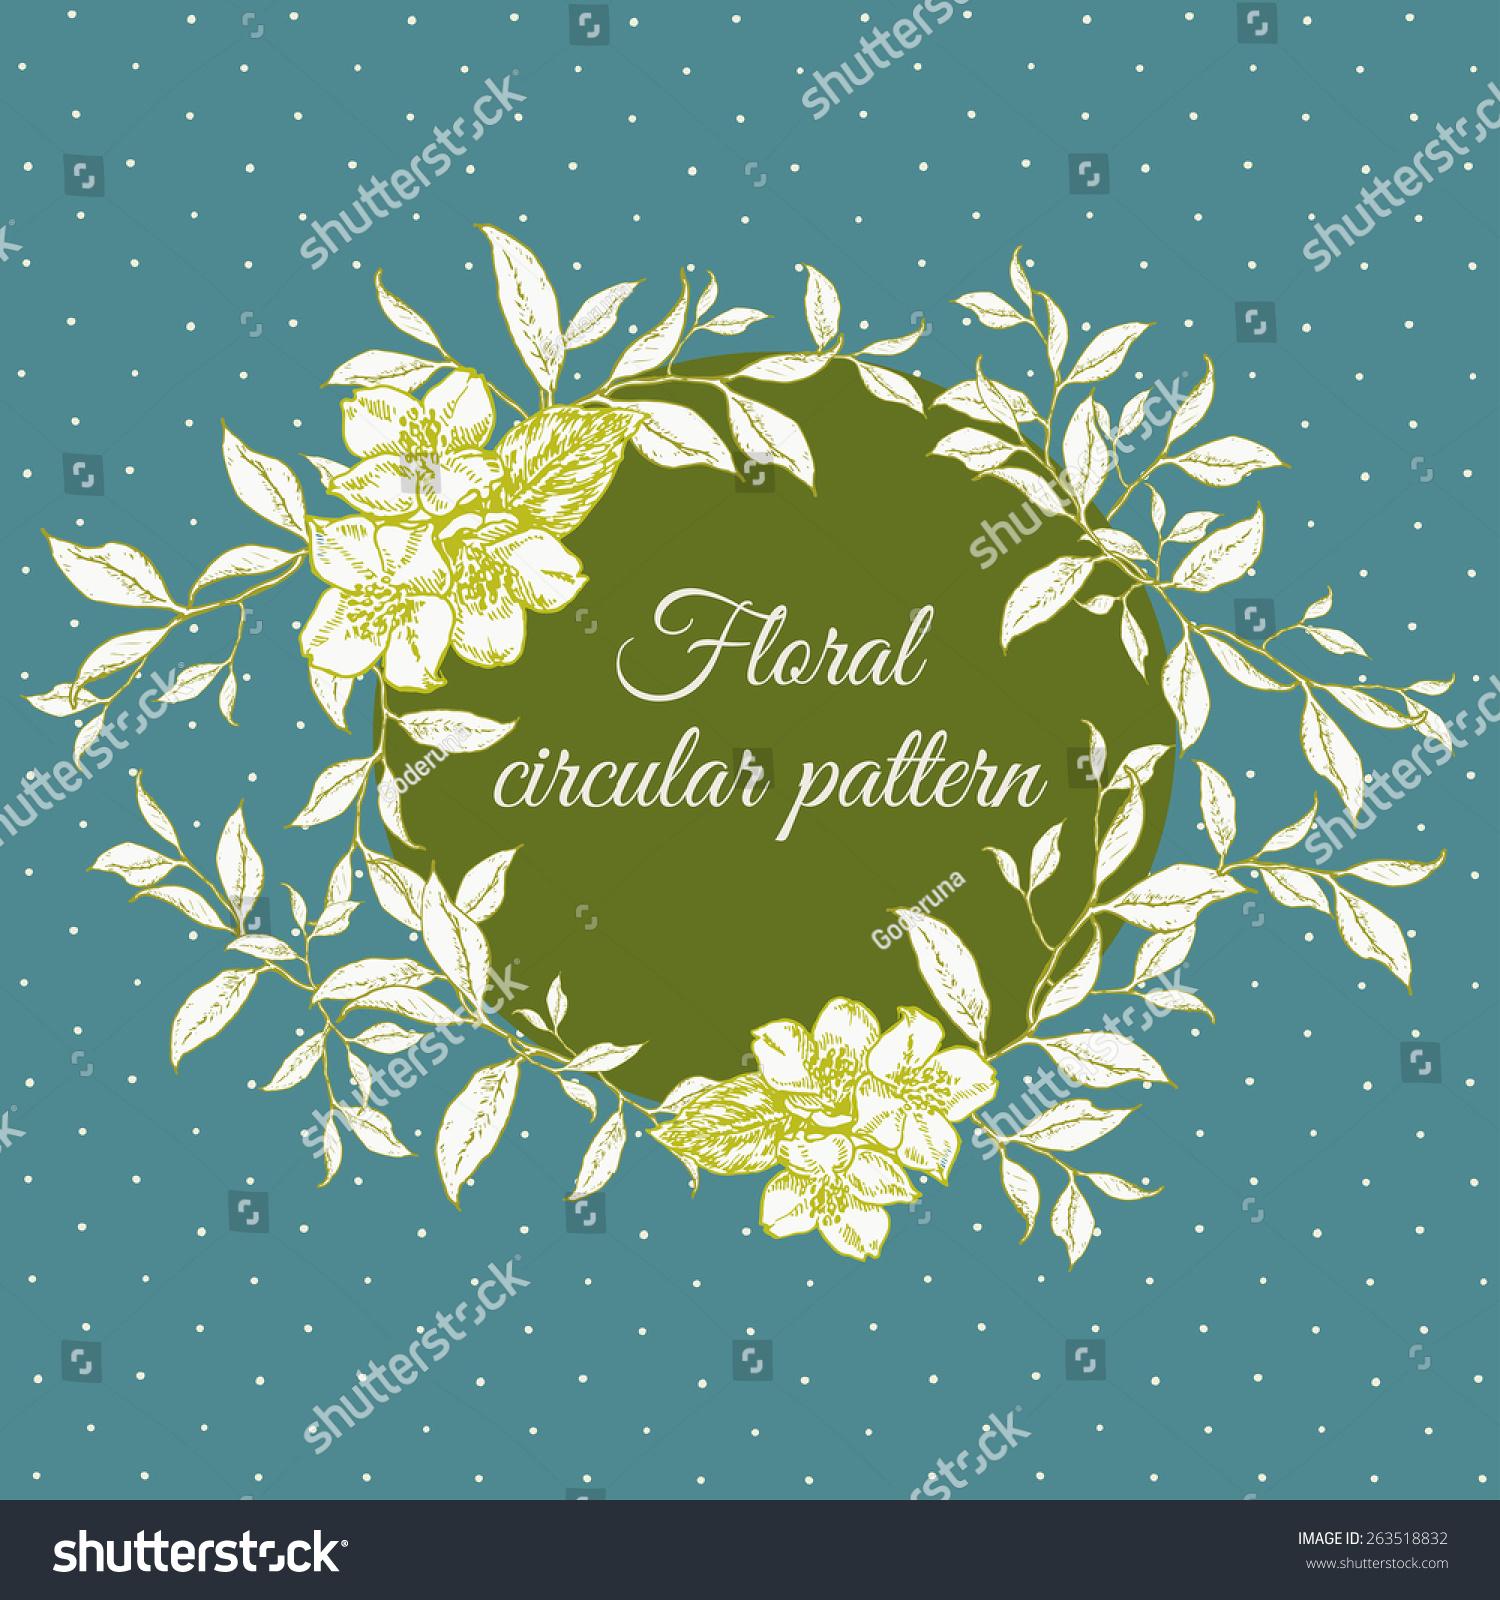 圆形花卉图案手画卡或邀请卡.变量矢量图的组成元素